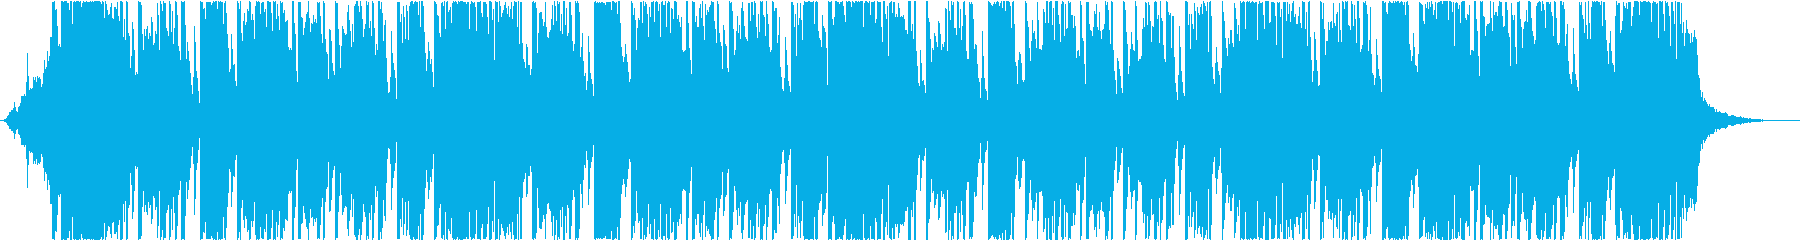 ヒップホップ、トラップ、パワフルの再生済みの波形